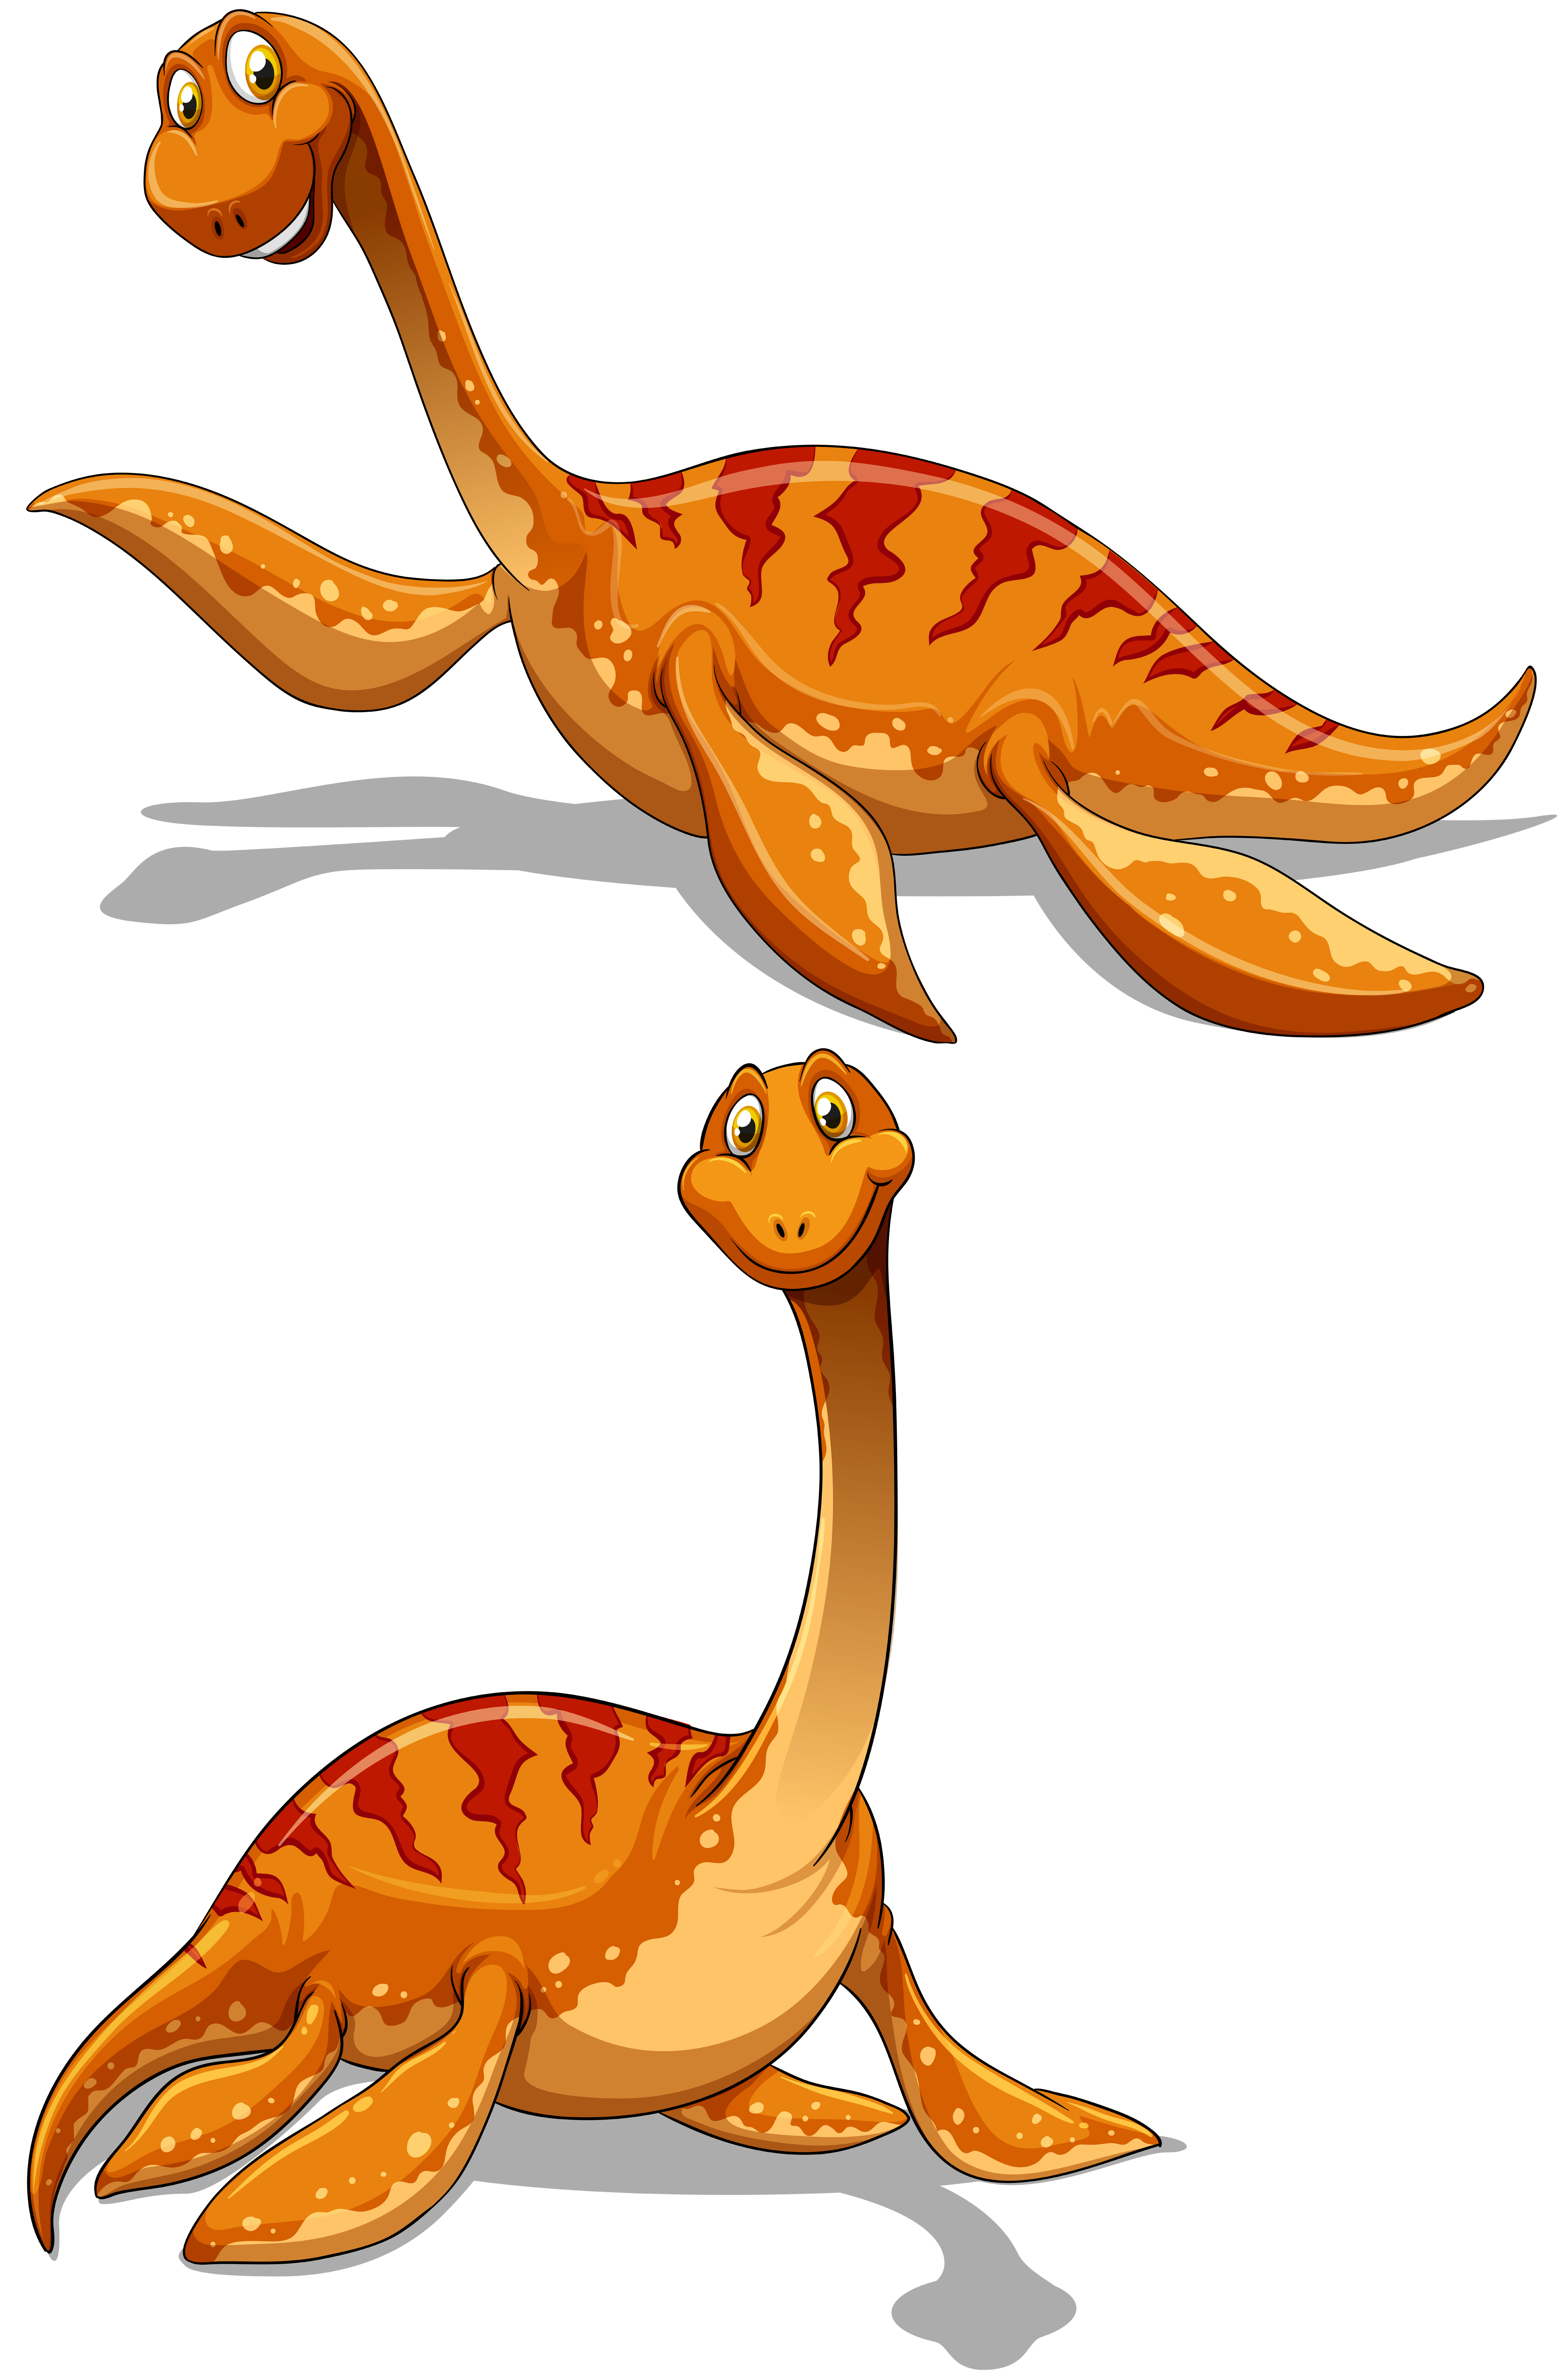 恐龍圖片 免費下載   天天瘋後製